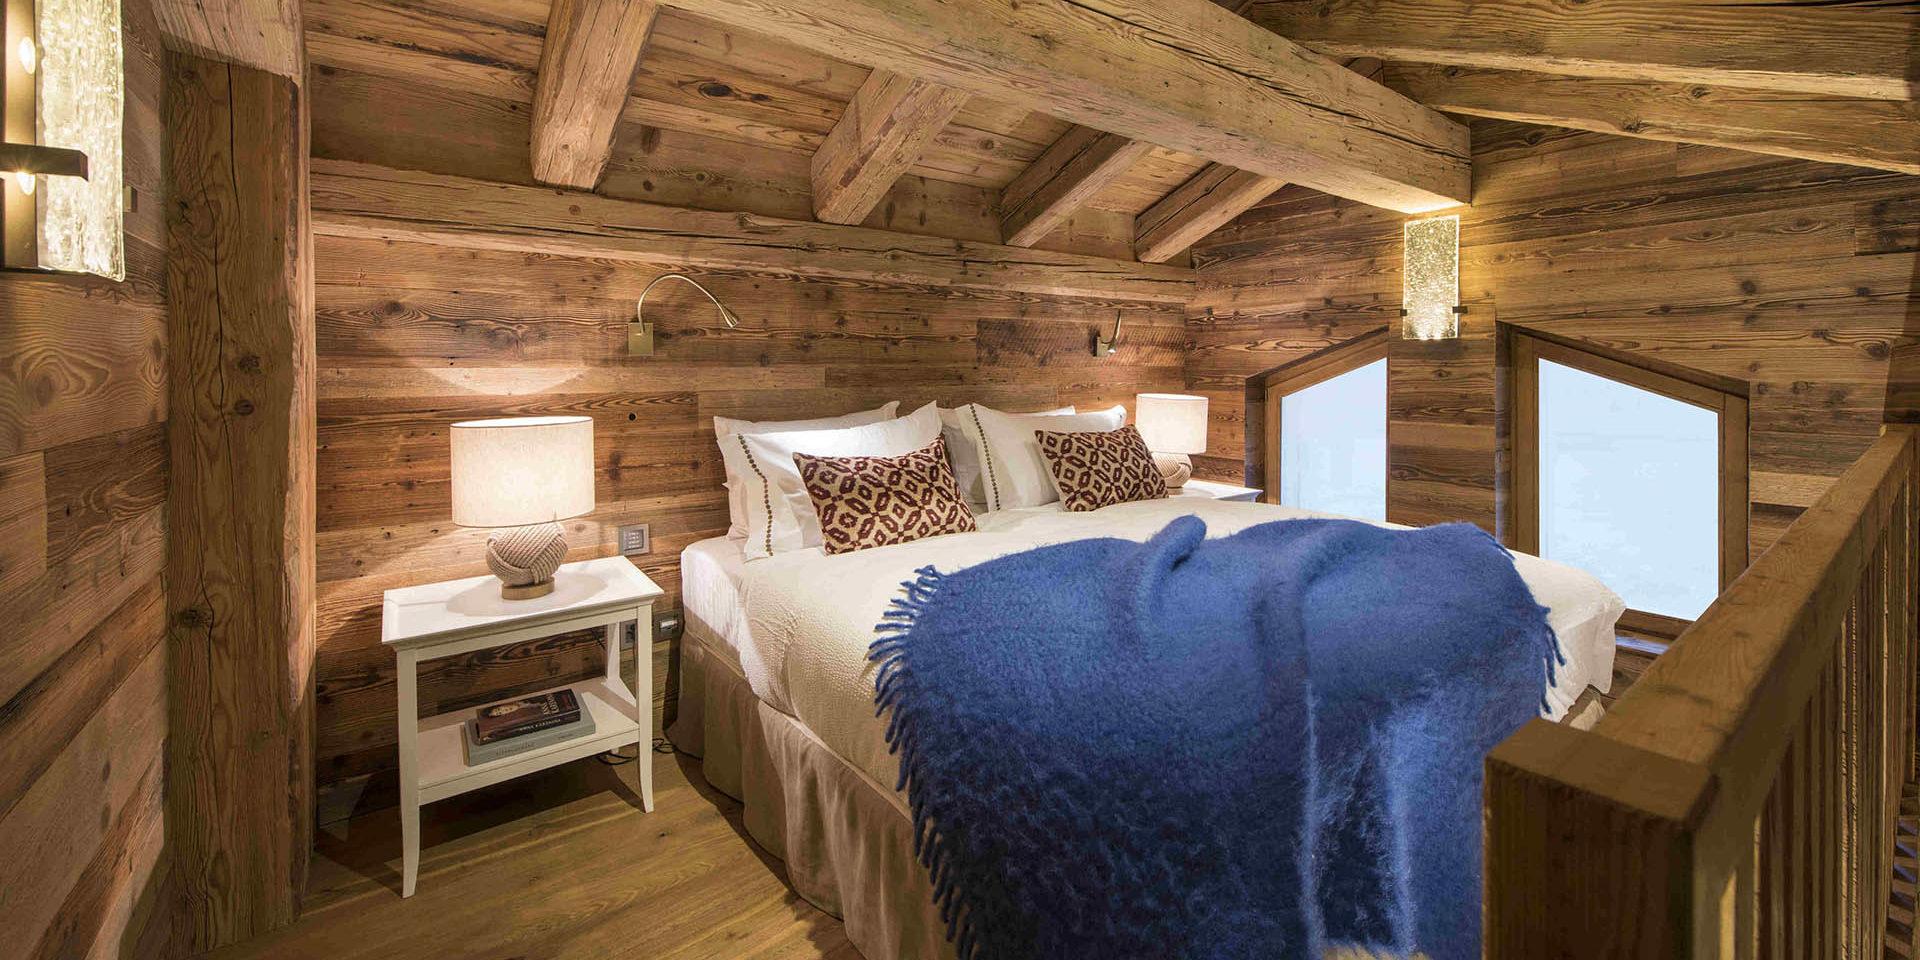 Appartement Place Blanche 2 Verbier Les 4 Vallees Zwitserland wintersport skivakantie luxe slaapkamer 2-persoonsbed nachtlampje schuin dak houten balken ramen